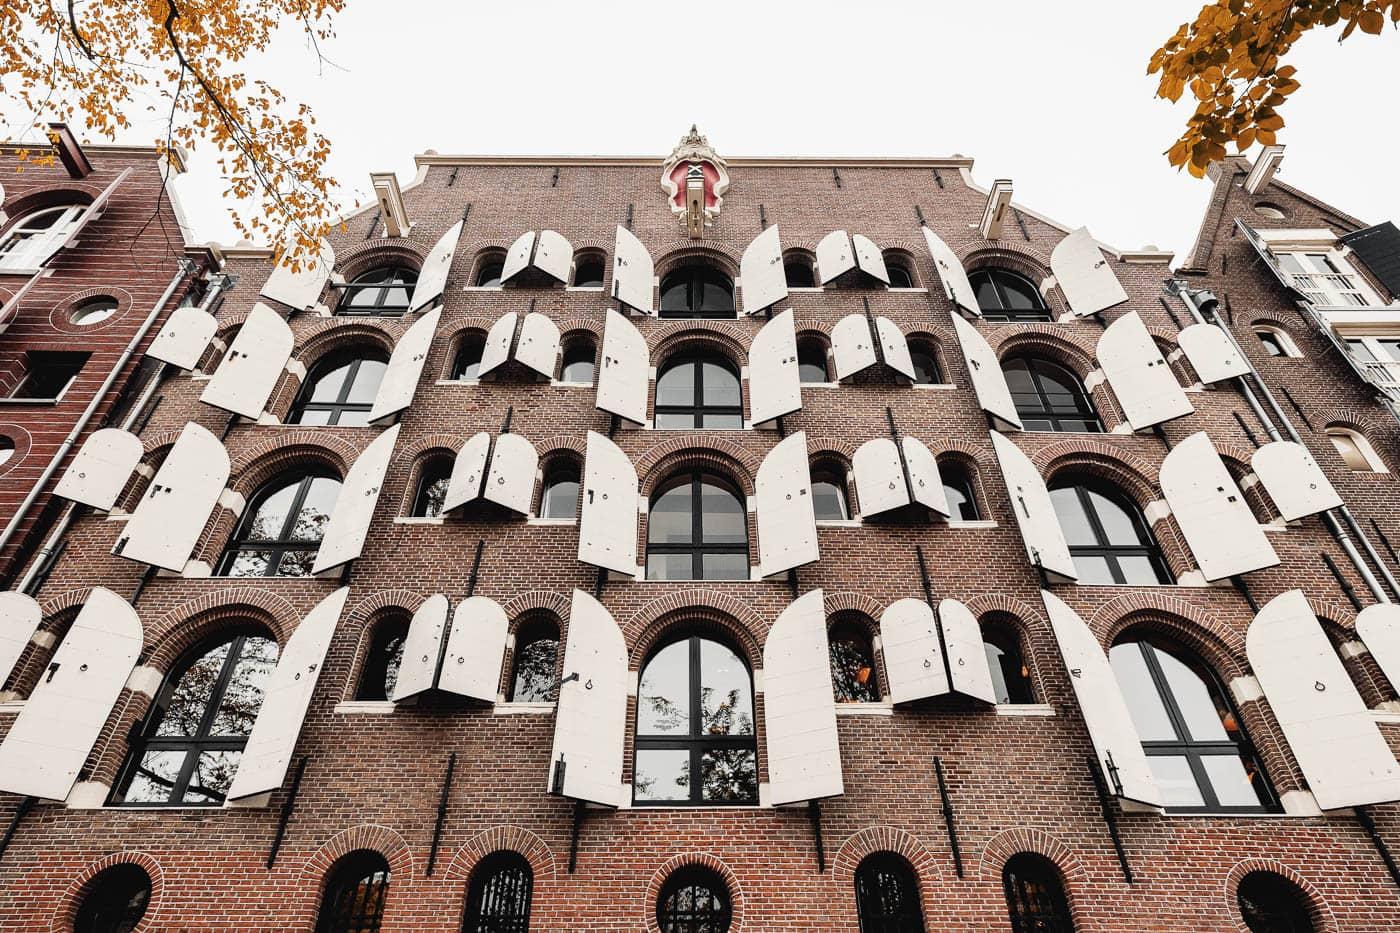 Häuserfassade in Amsterdam, Niederlande